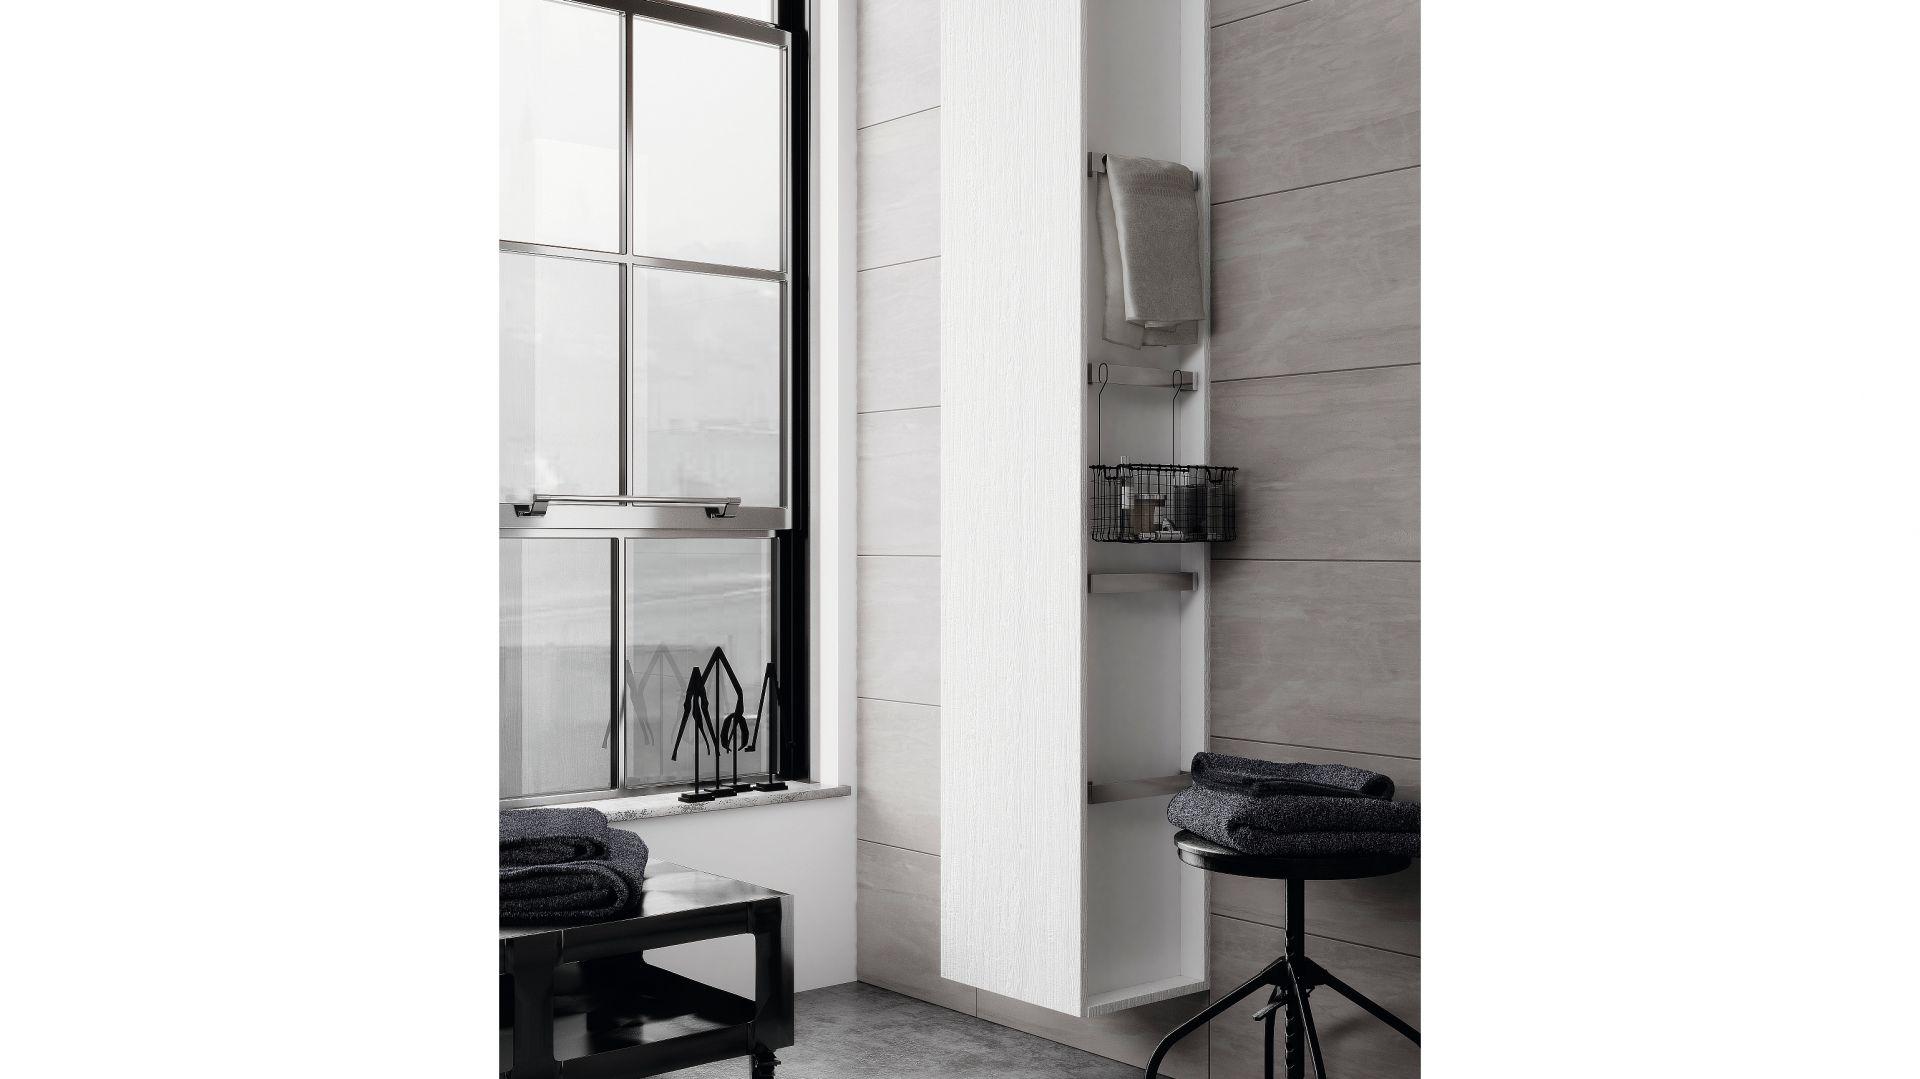 Słupek City – słupek łazienkowy z regulowanymi półkami, ułatwiającymi przechowywanie kosmetyków i środków czystości. Z praktycznym relingiem, który może posłużyć jako dodatkowy wieszak oraz z systemem soft close. Fot. Cersanit